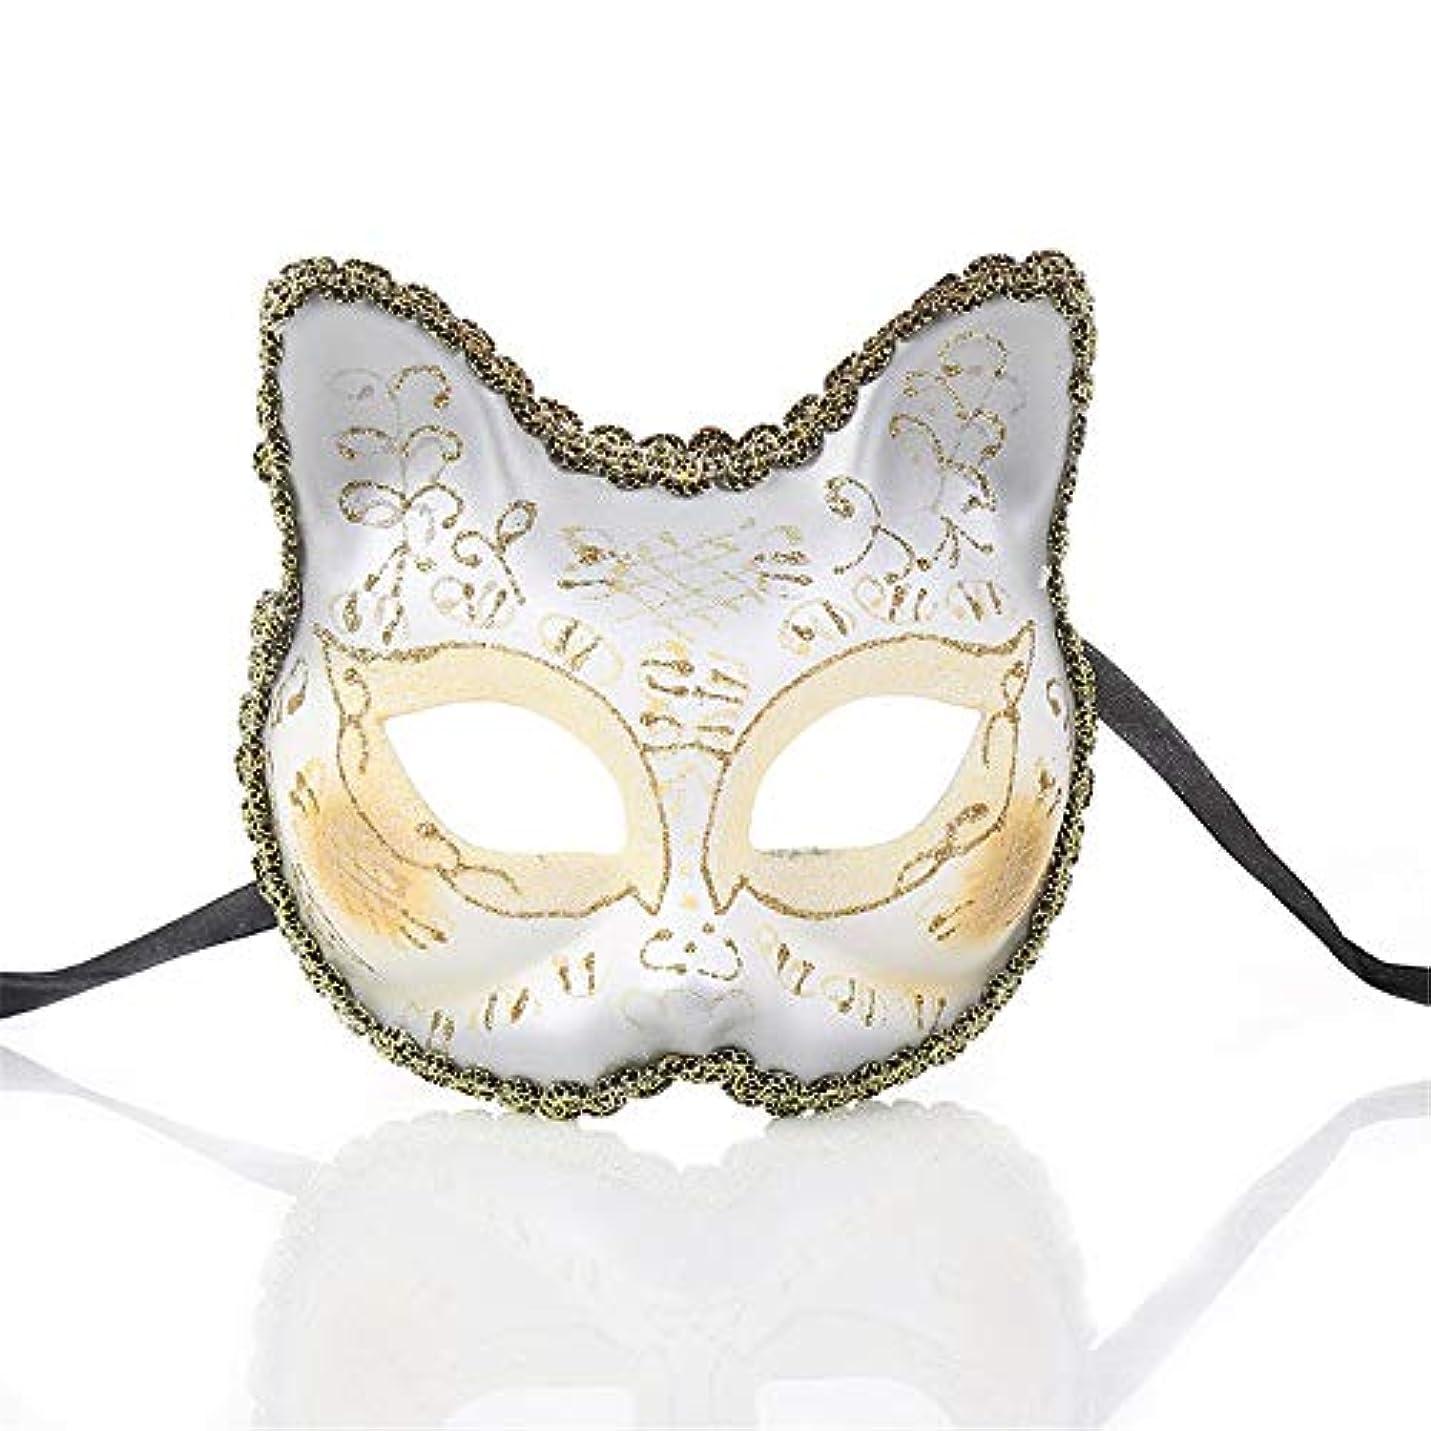 説教する知り合い吹雪ダンスマスク ワイルドマスカレードロールプレイングパーティーの小道具ナイトクラブのマスクの雰囲気クリスマスフェスティバルロールプレイングプラスチックマスク ホリデーパーティー用品 (色 : 白, サイズ : 13x13cm)